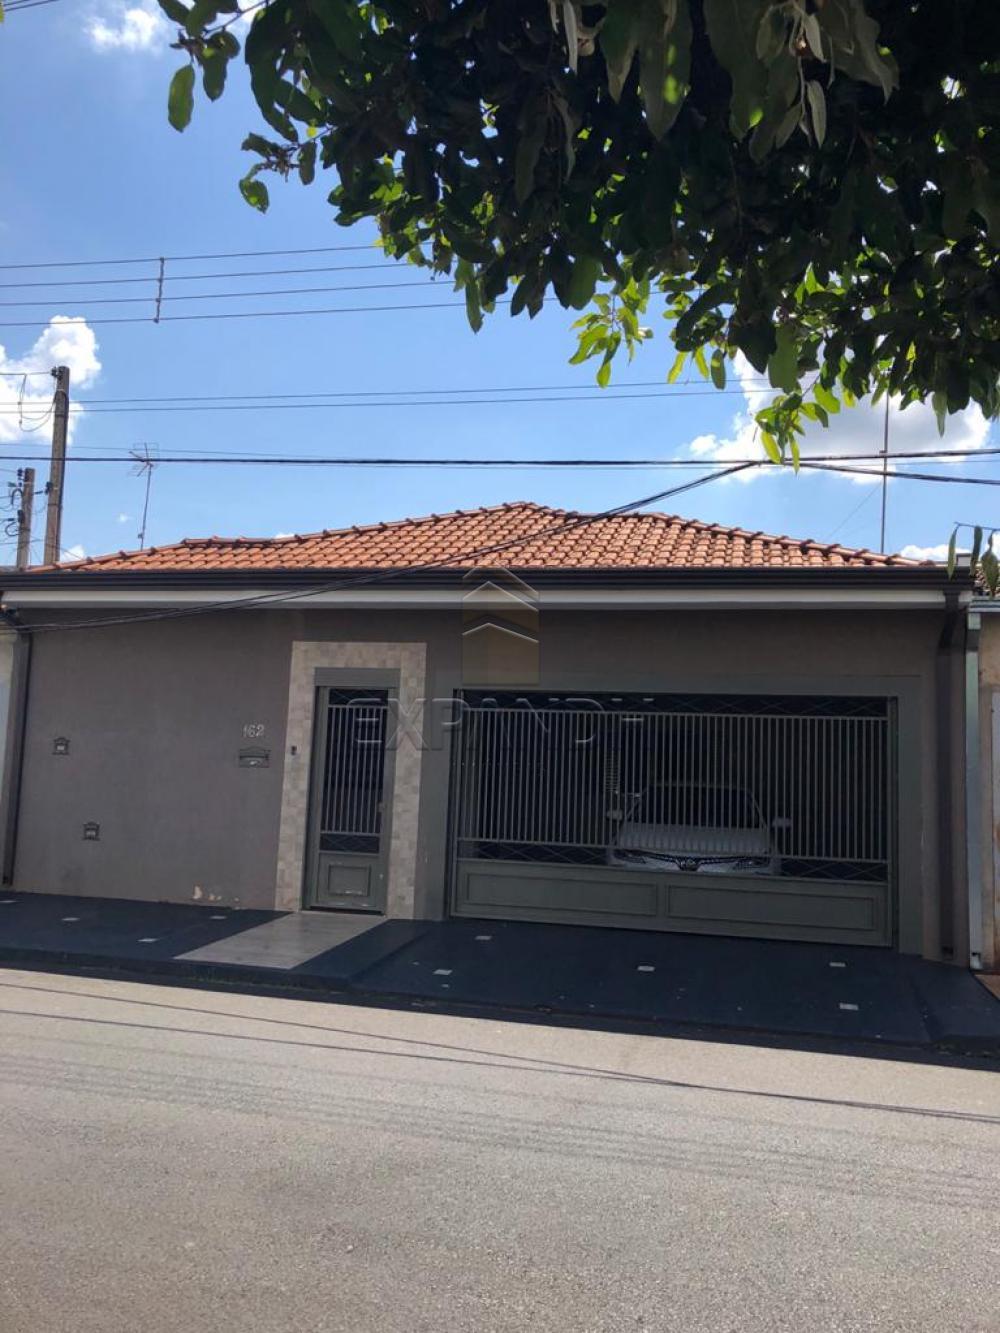 Comprar Casas / Padrão em Sertãozinho R$ 380.000,00 - Foto 1